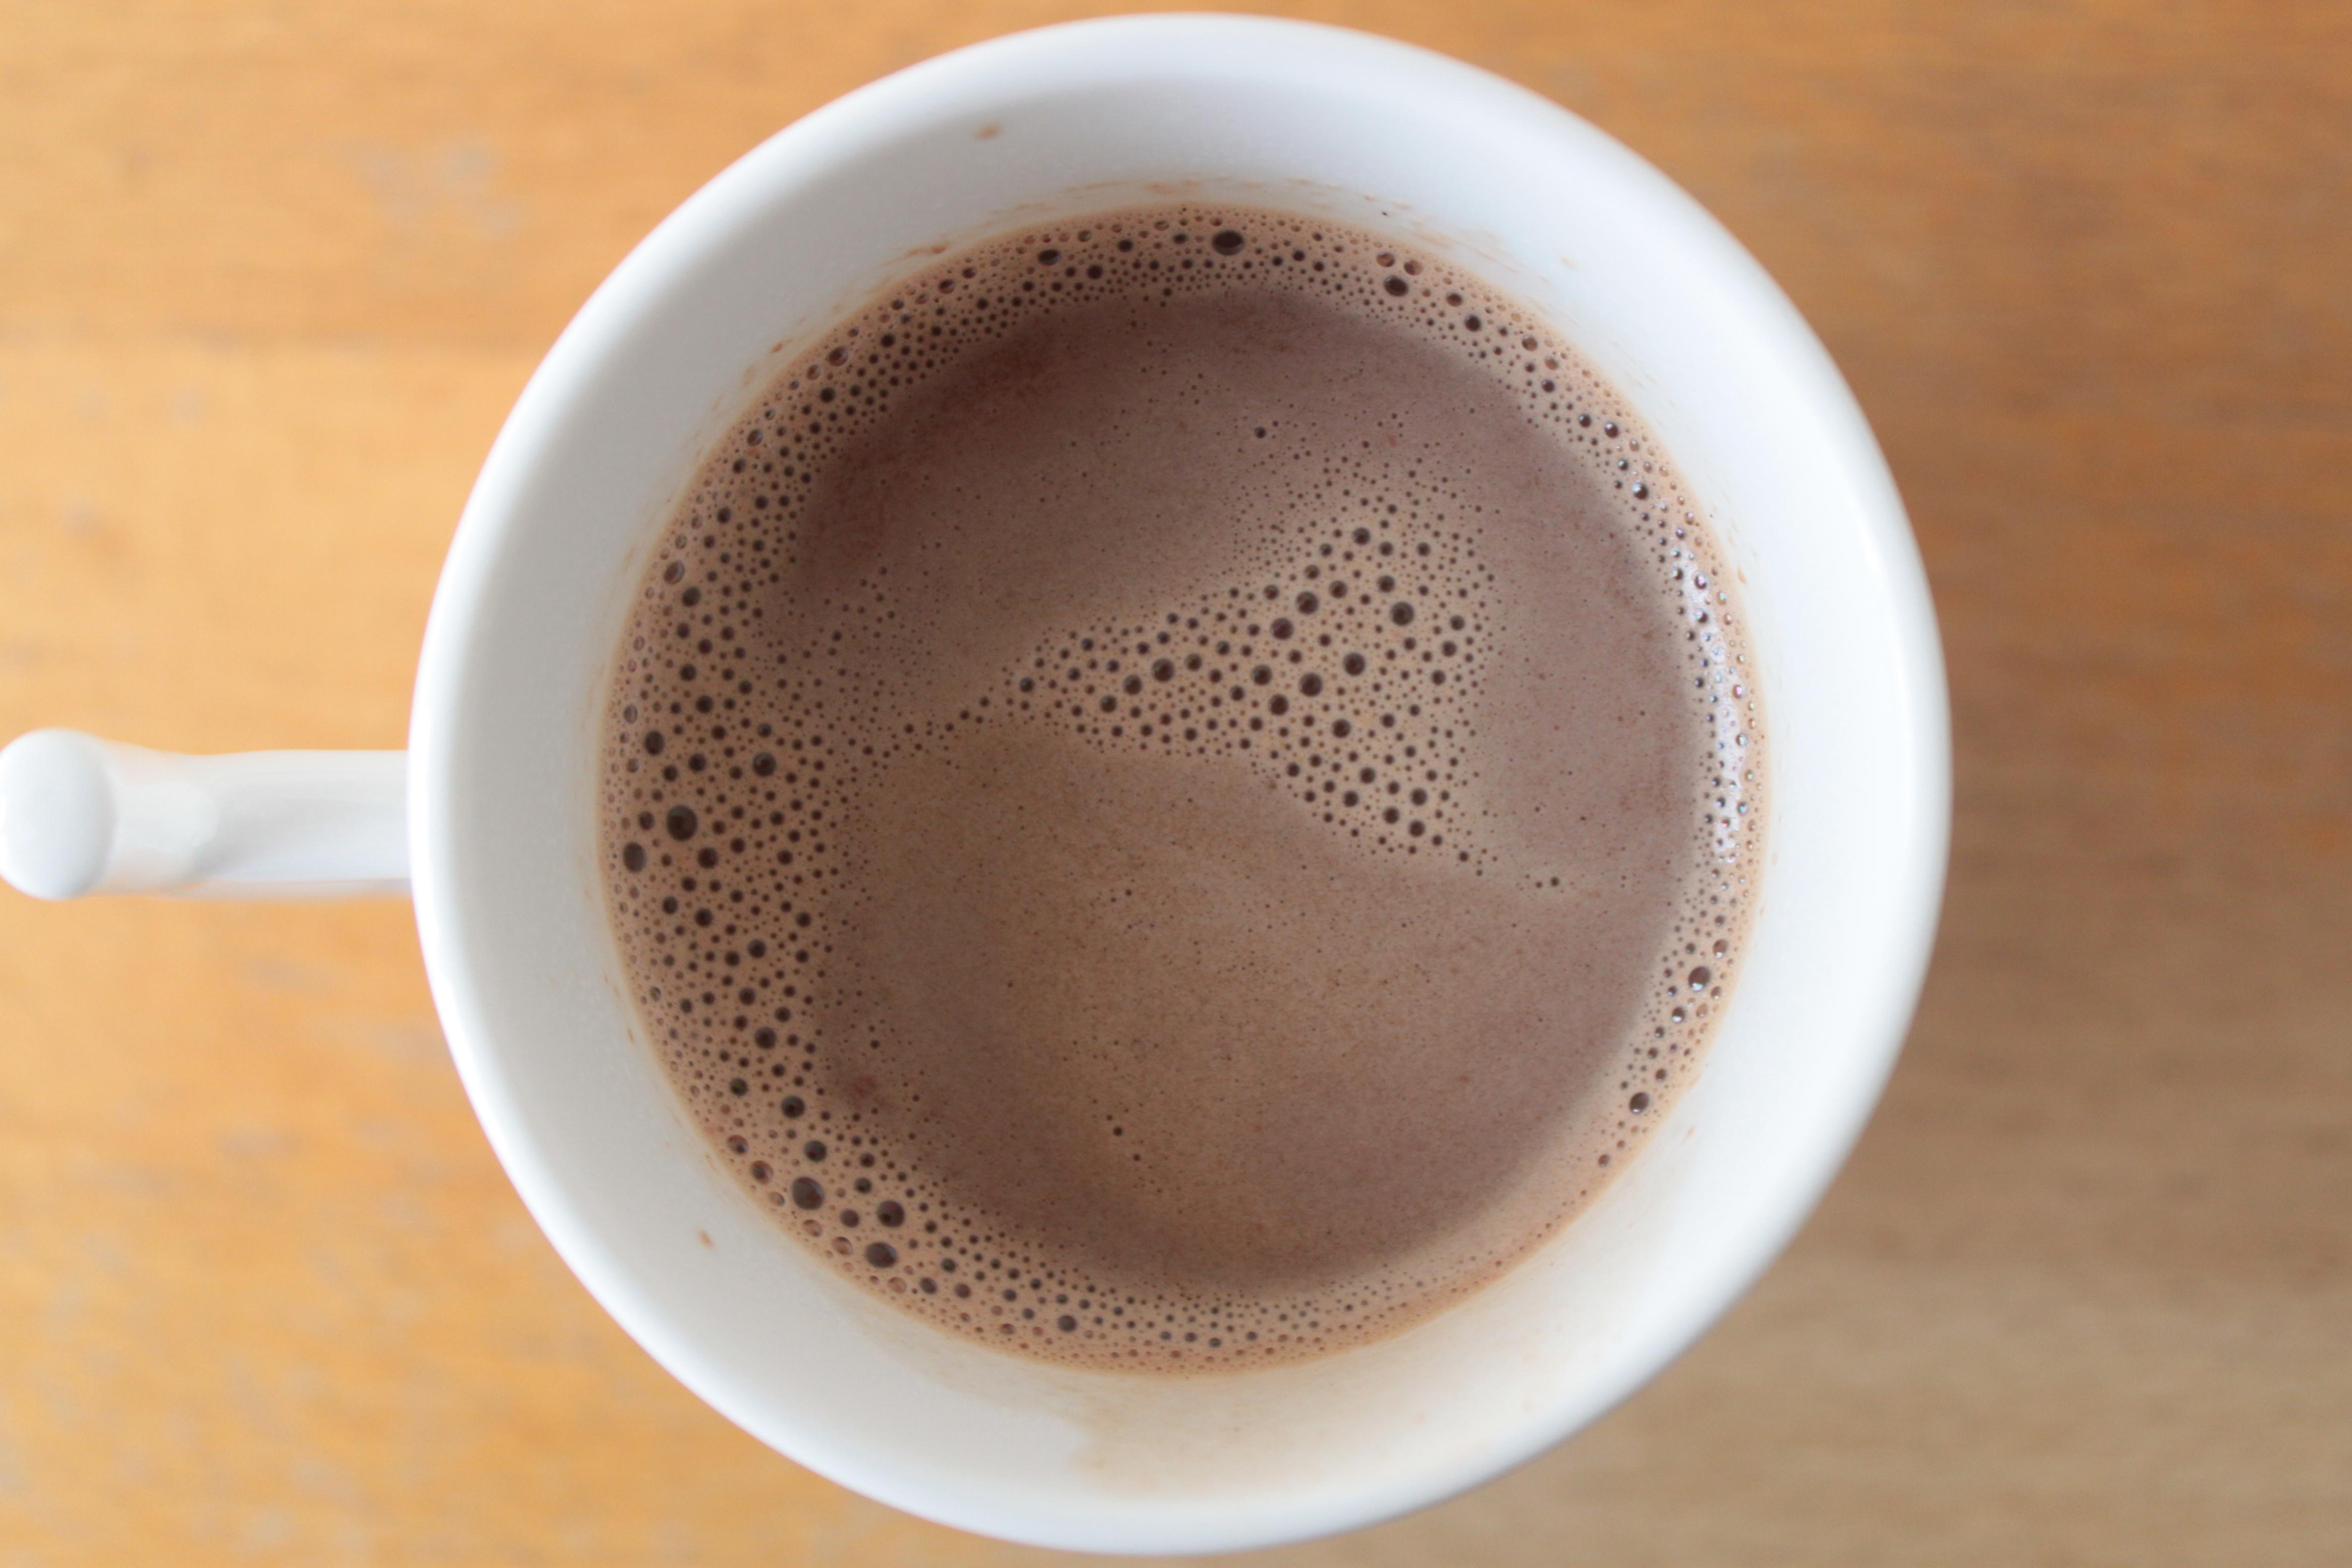 Le chocolat chaud qui nous fait aimer la météo | toutendouceurs